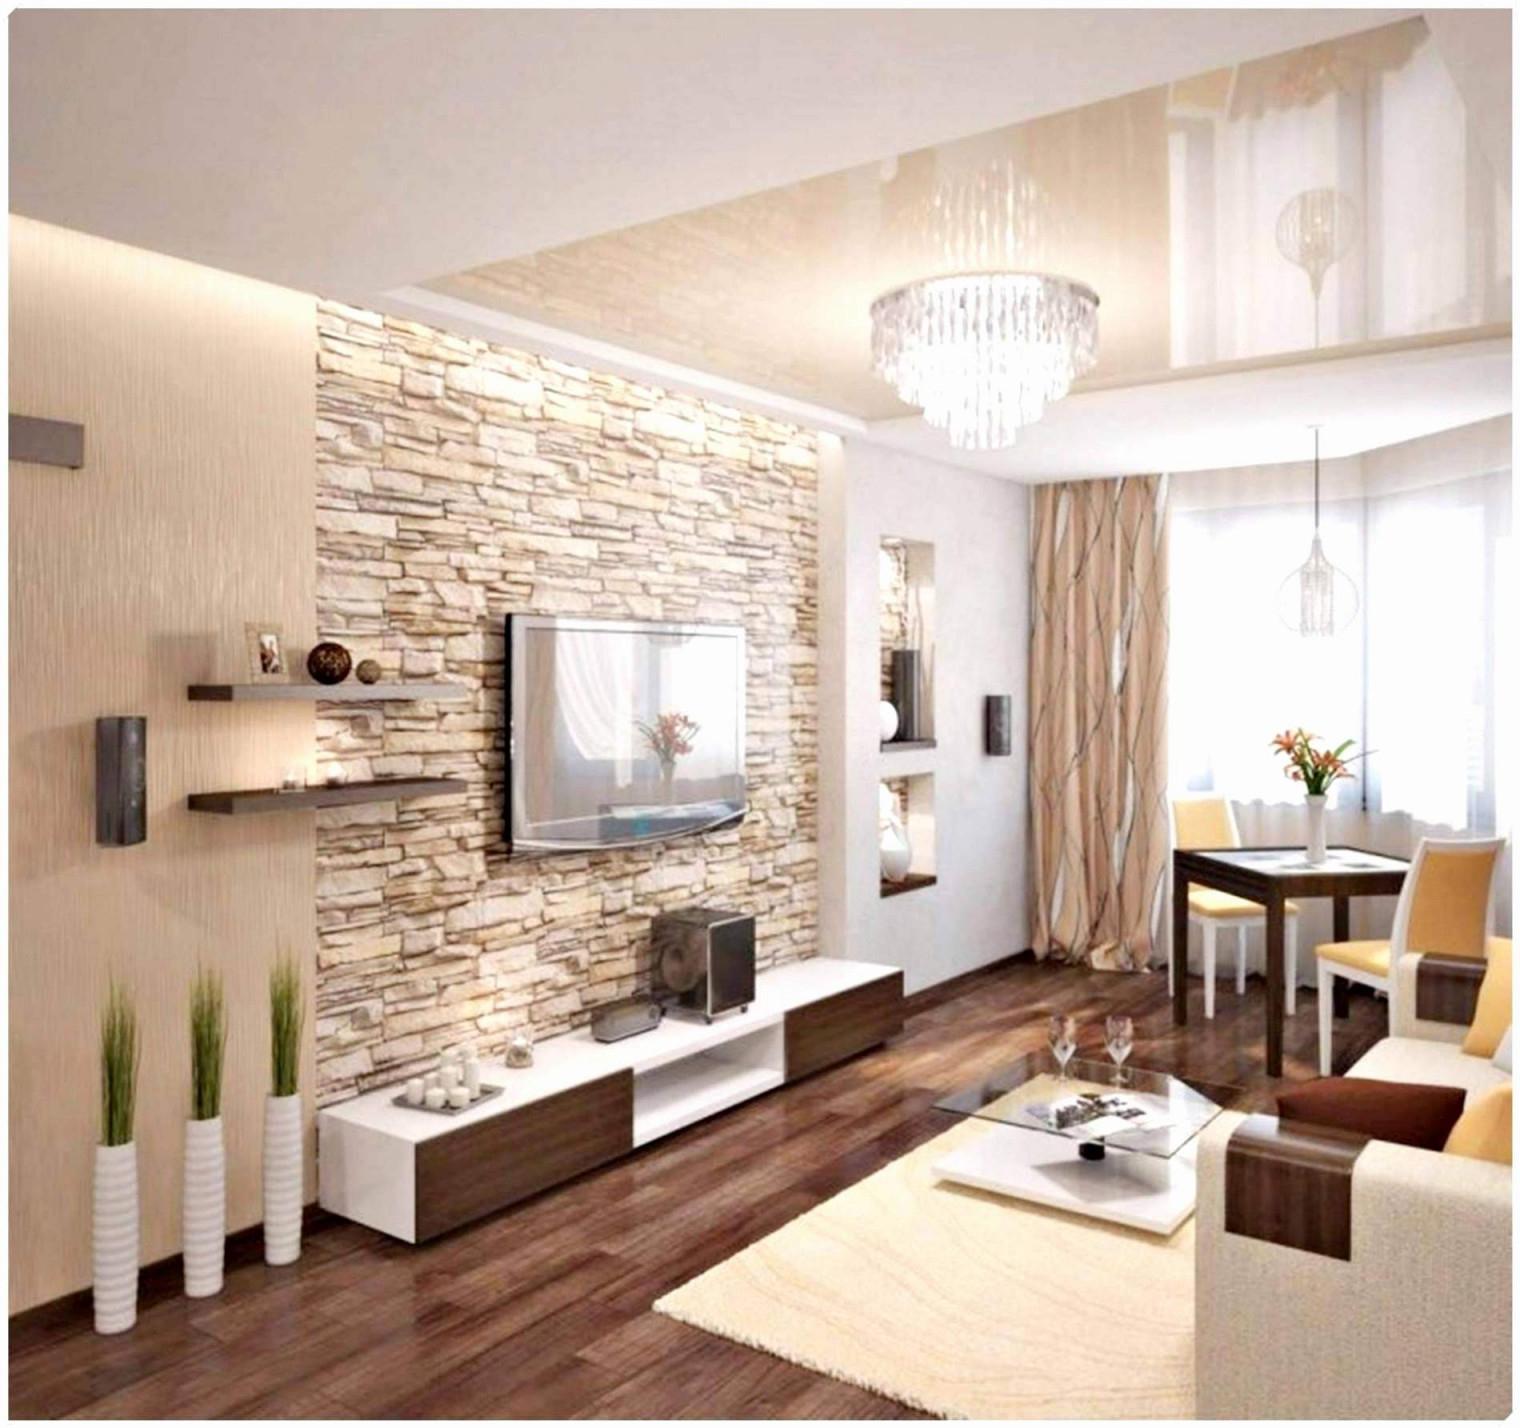 37 Luxus Tapeten Kombinationen Wohnzimmer Reizend von Wohnzimmer Tapeten Ideen Bild